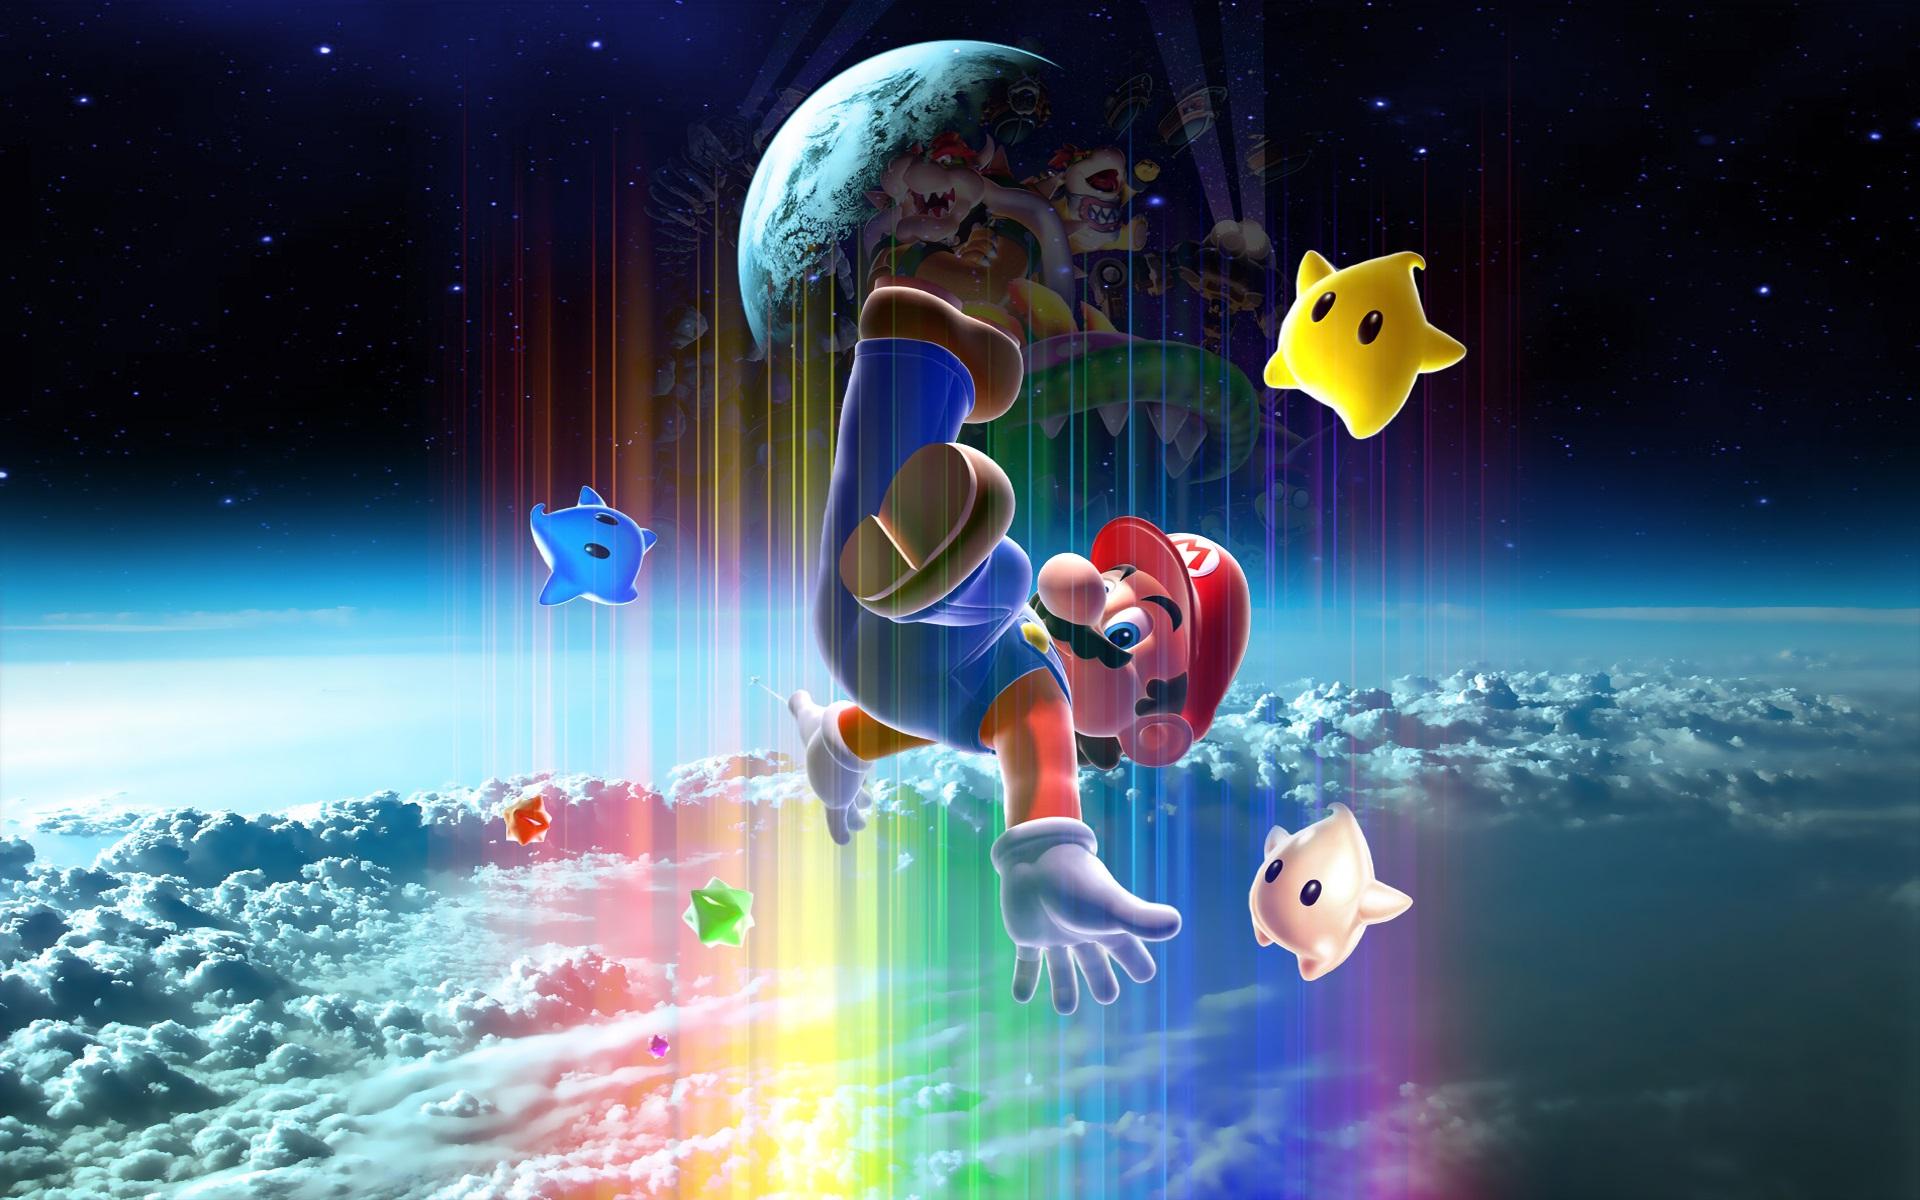 Wallpaper Super Mario Classic Game Nintendo 1920x1200 HD Picture